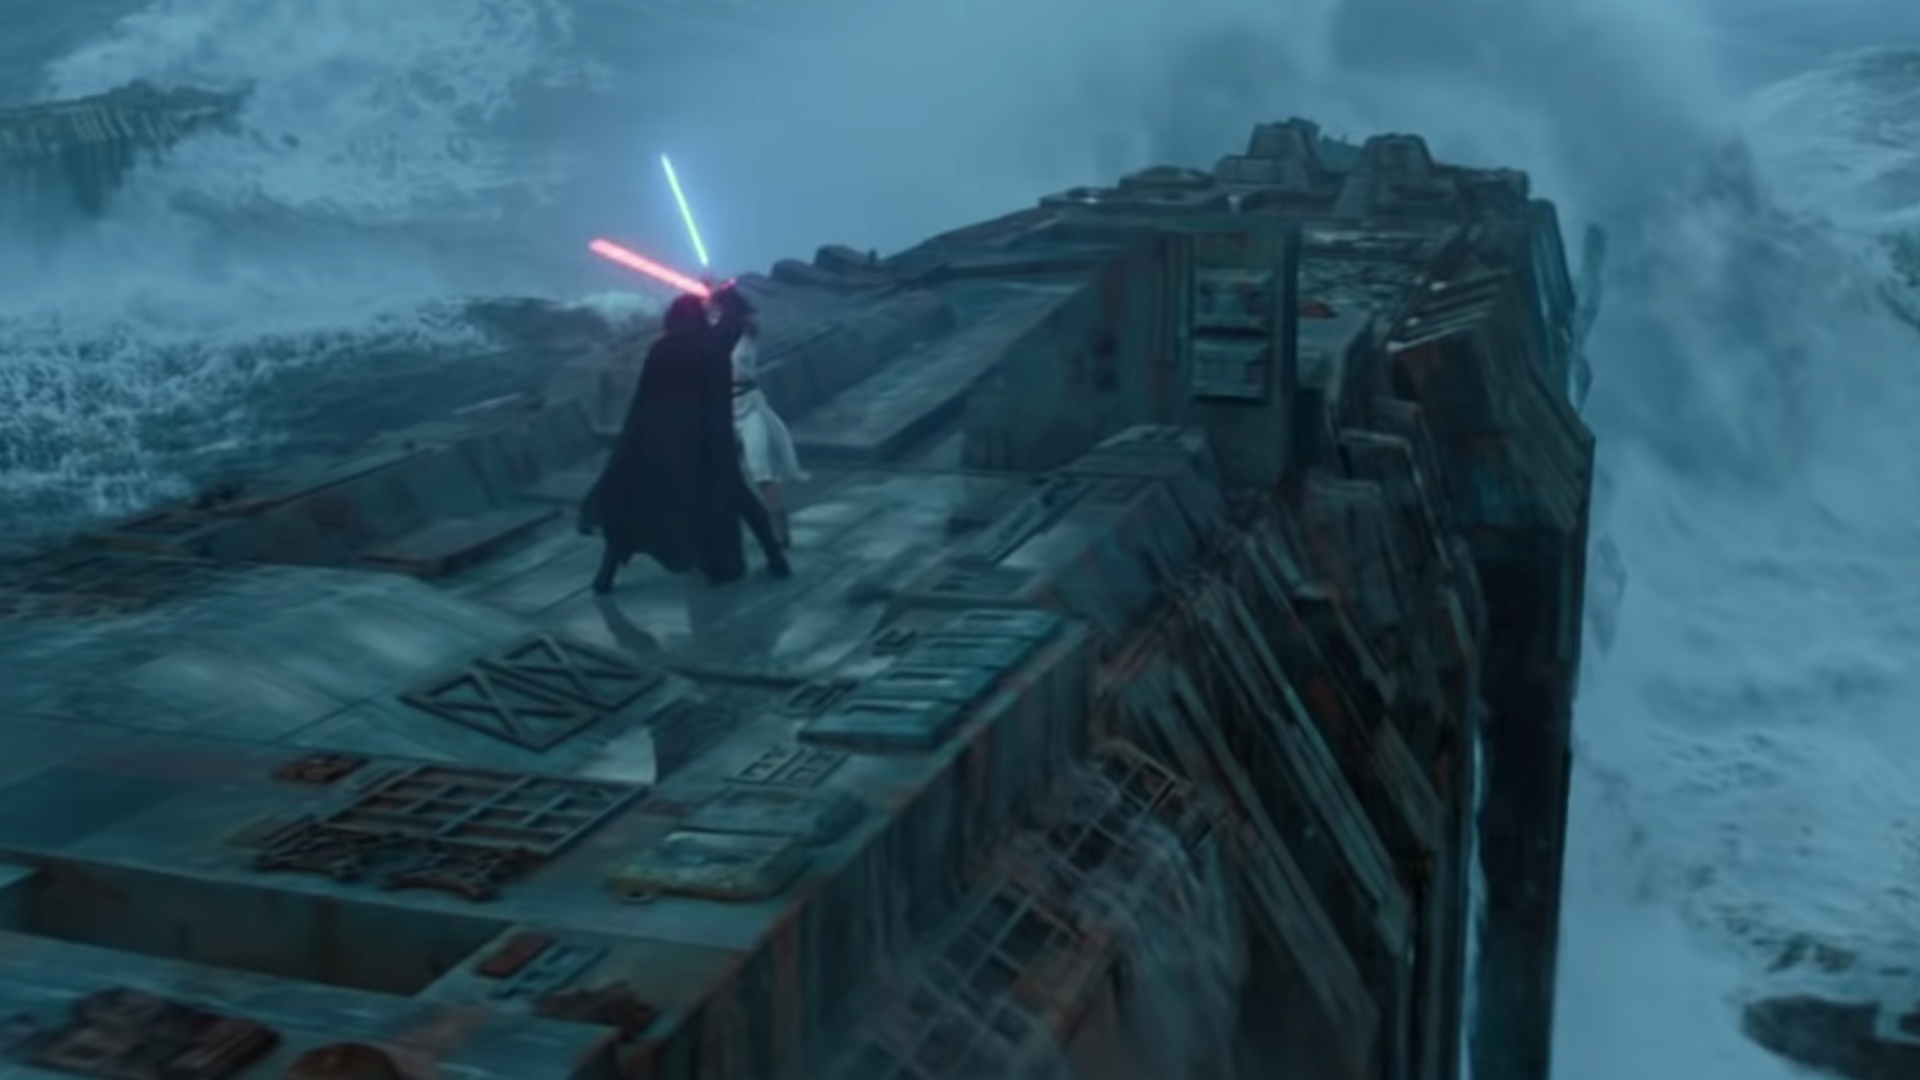 Star Wars Fan Points Out An Error In The Rise Of Skywalker Trailer Involving Kylo Ren Geektyrant